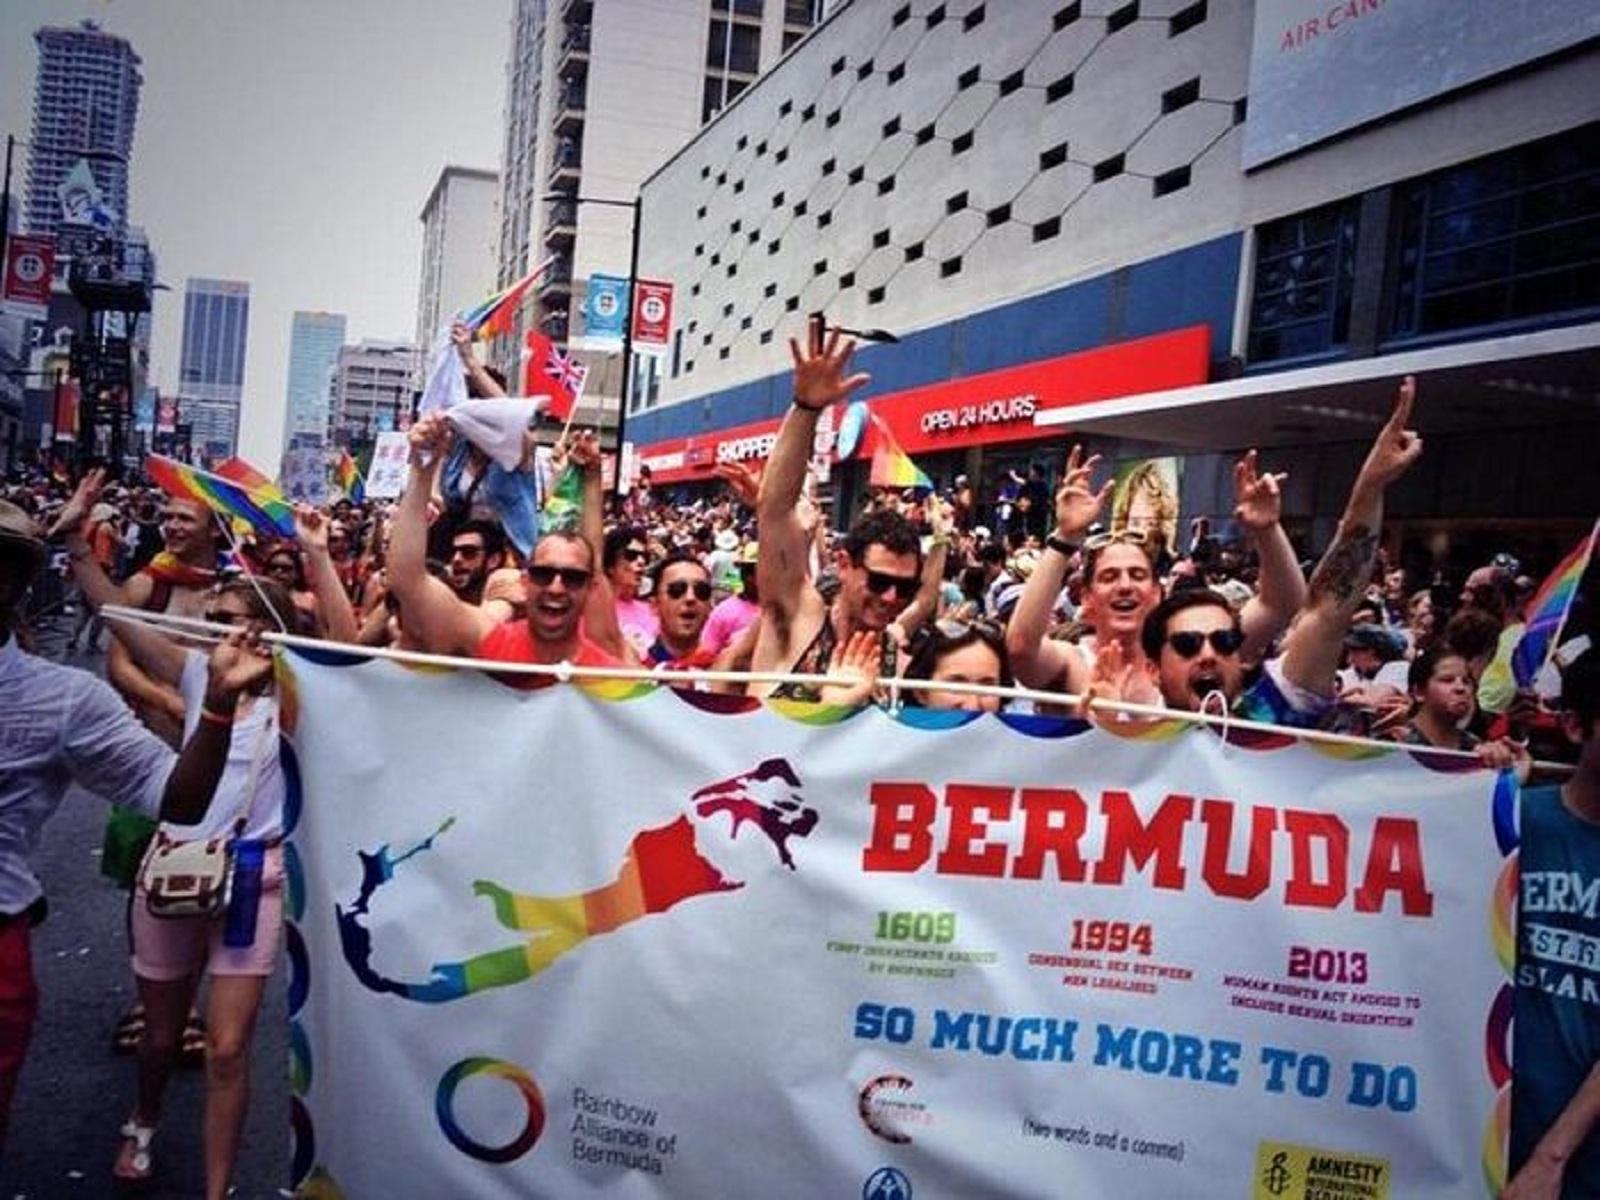 Bermuda gay